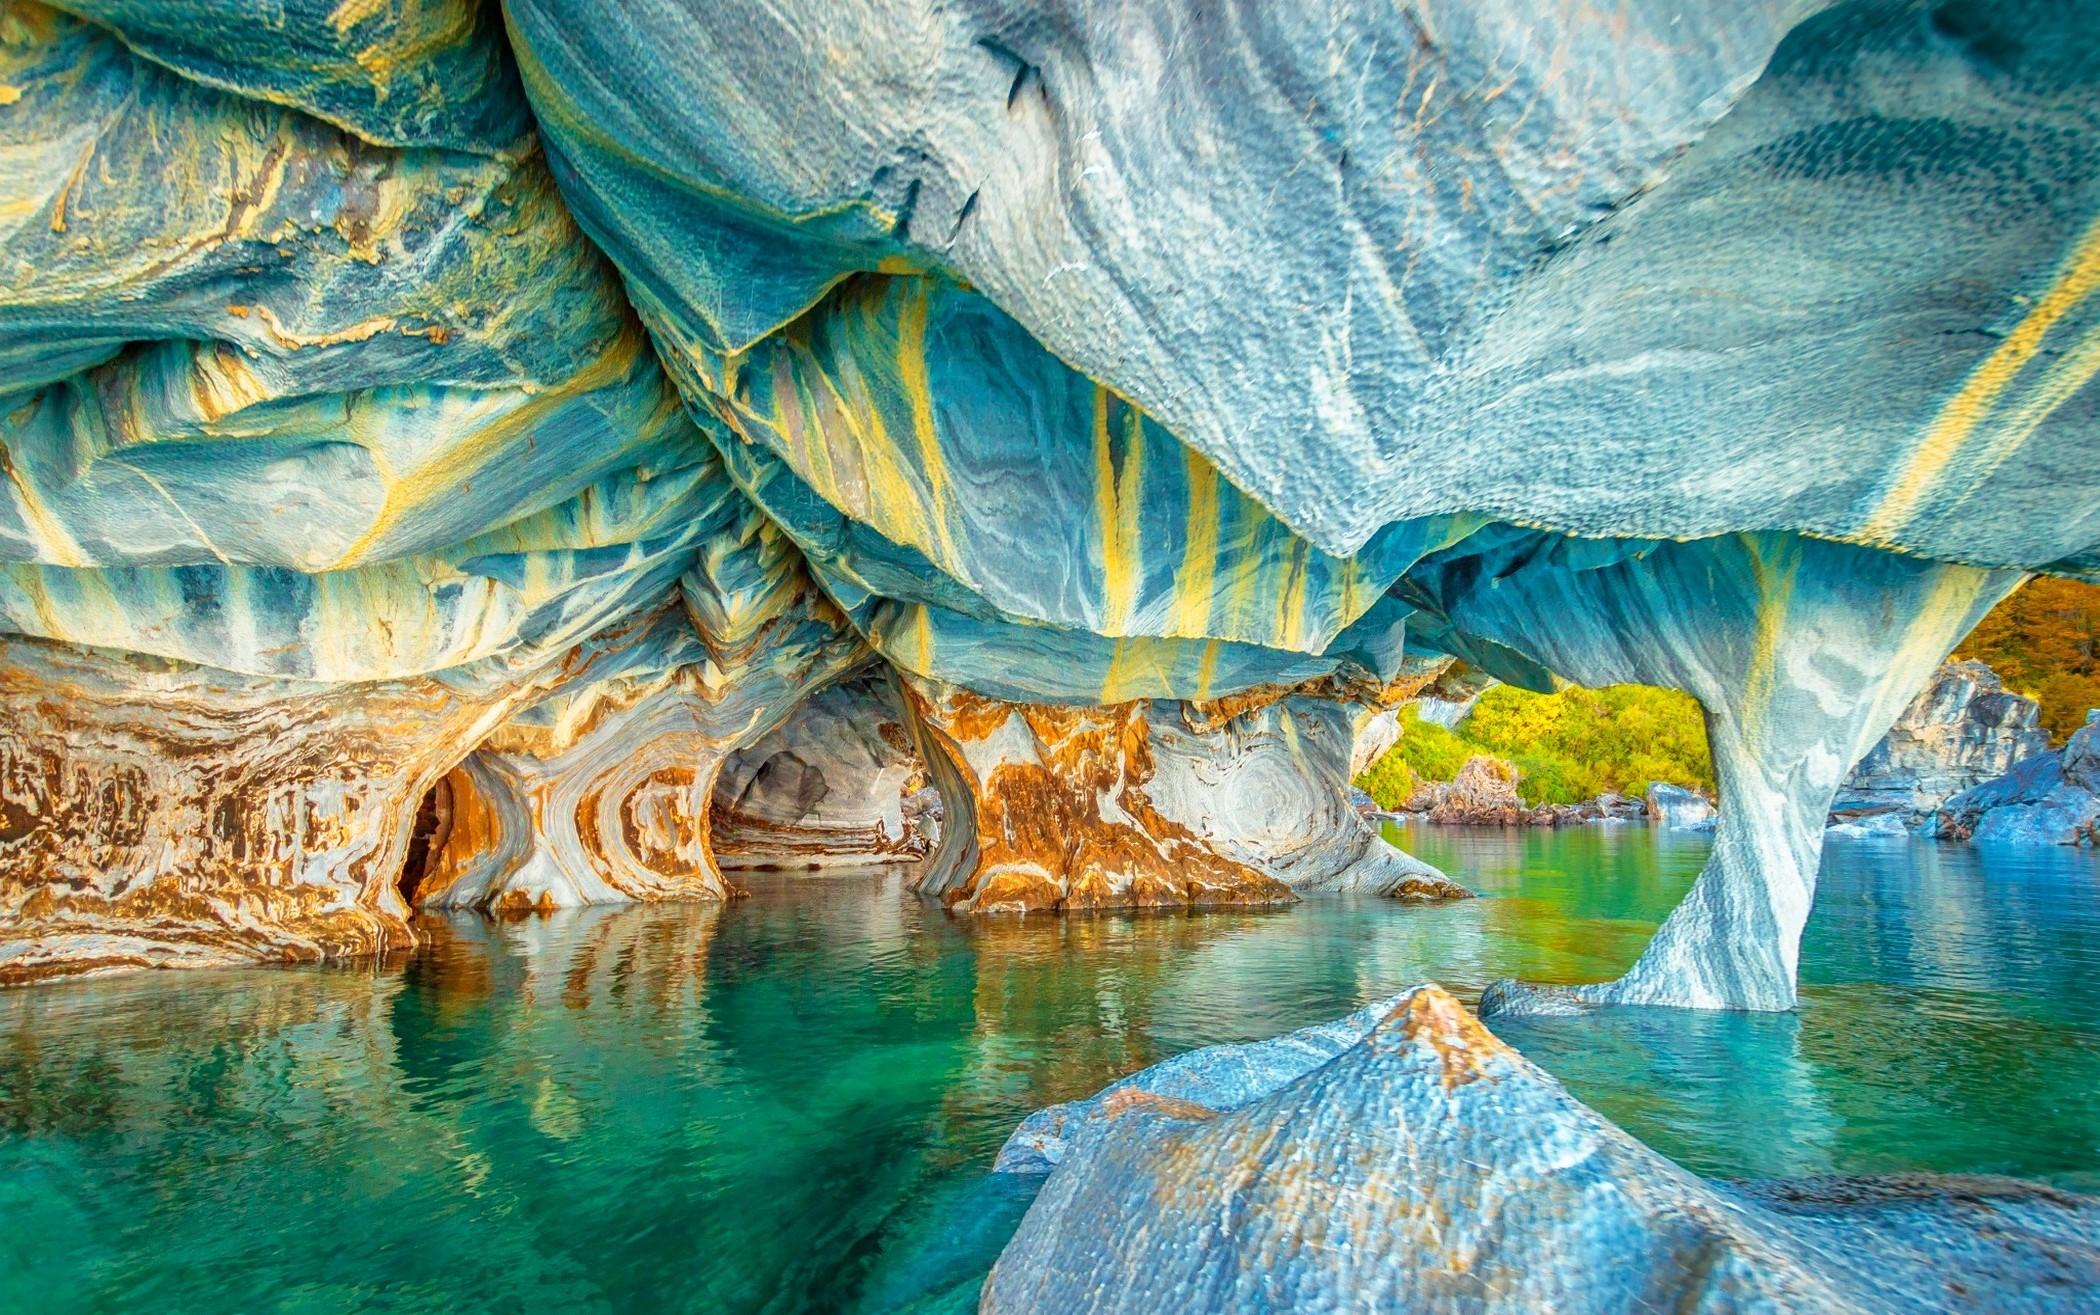 Картинки самых красивых пещер мира